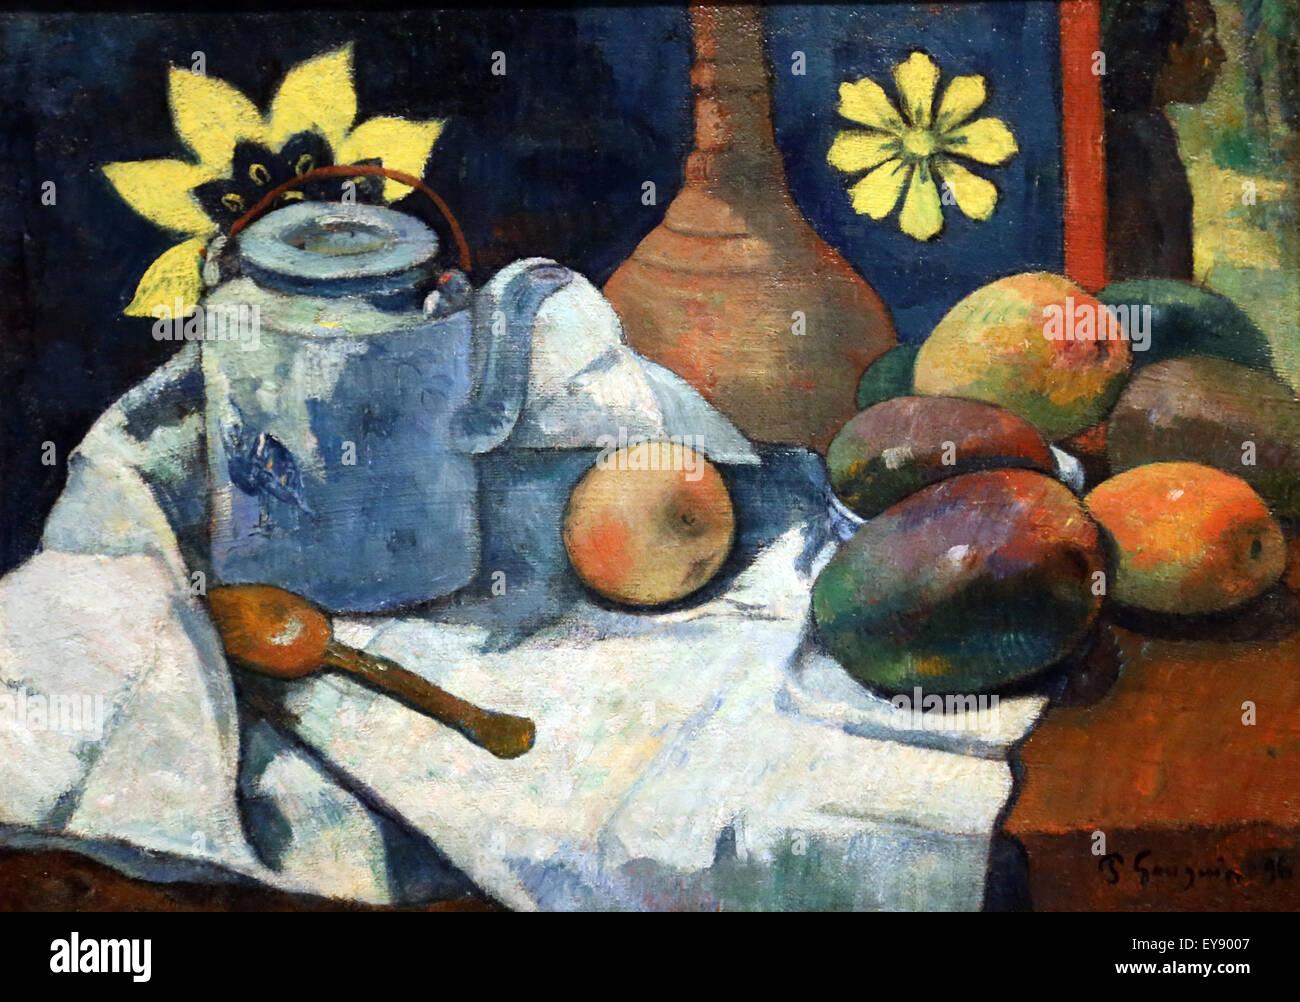 Paul Gauguin (1848-1903). El pintor francés. Bodegón con Teapol y fruta, 1896. Óleo sobre lienzo. Imagen De Stock